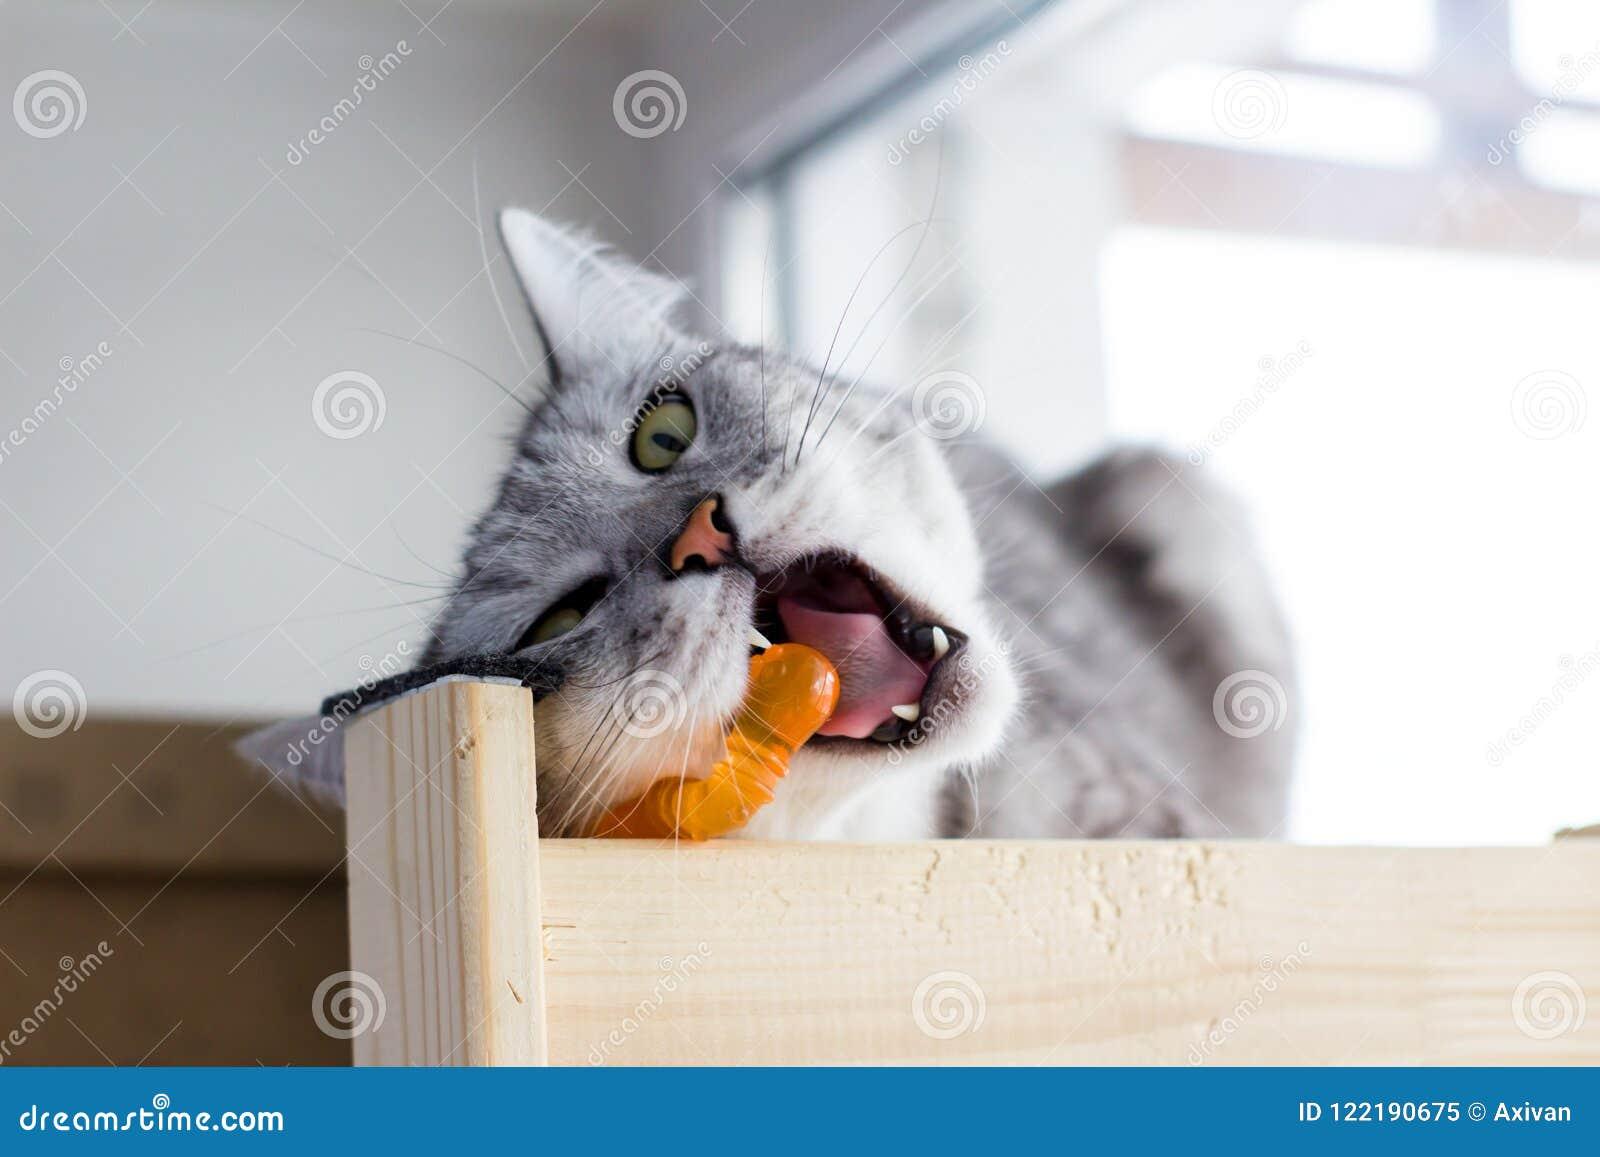 Verärgerte schottische lustige Katze beißt orange Spielzeug